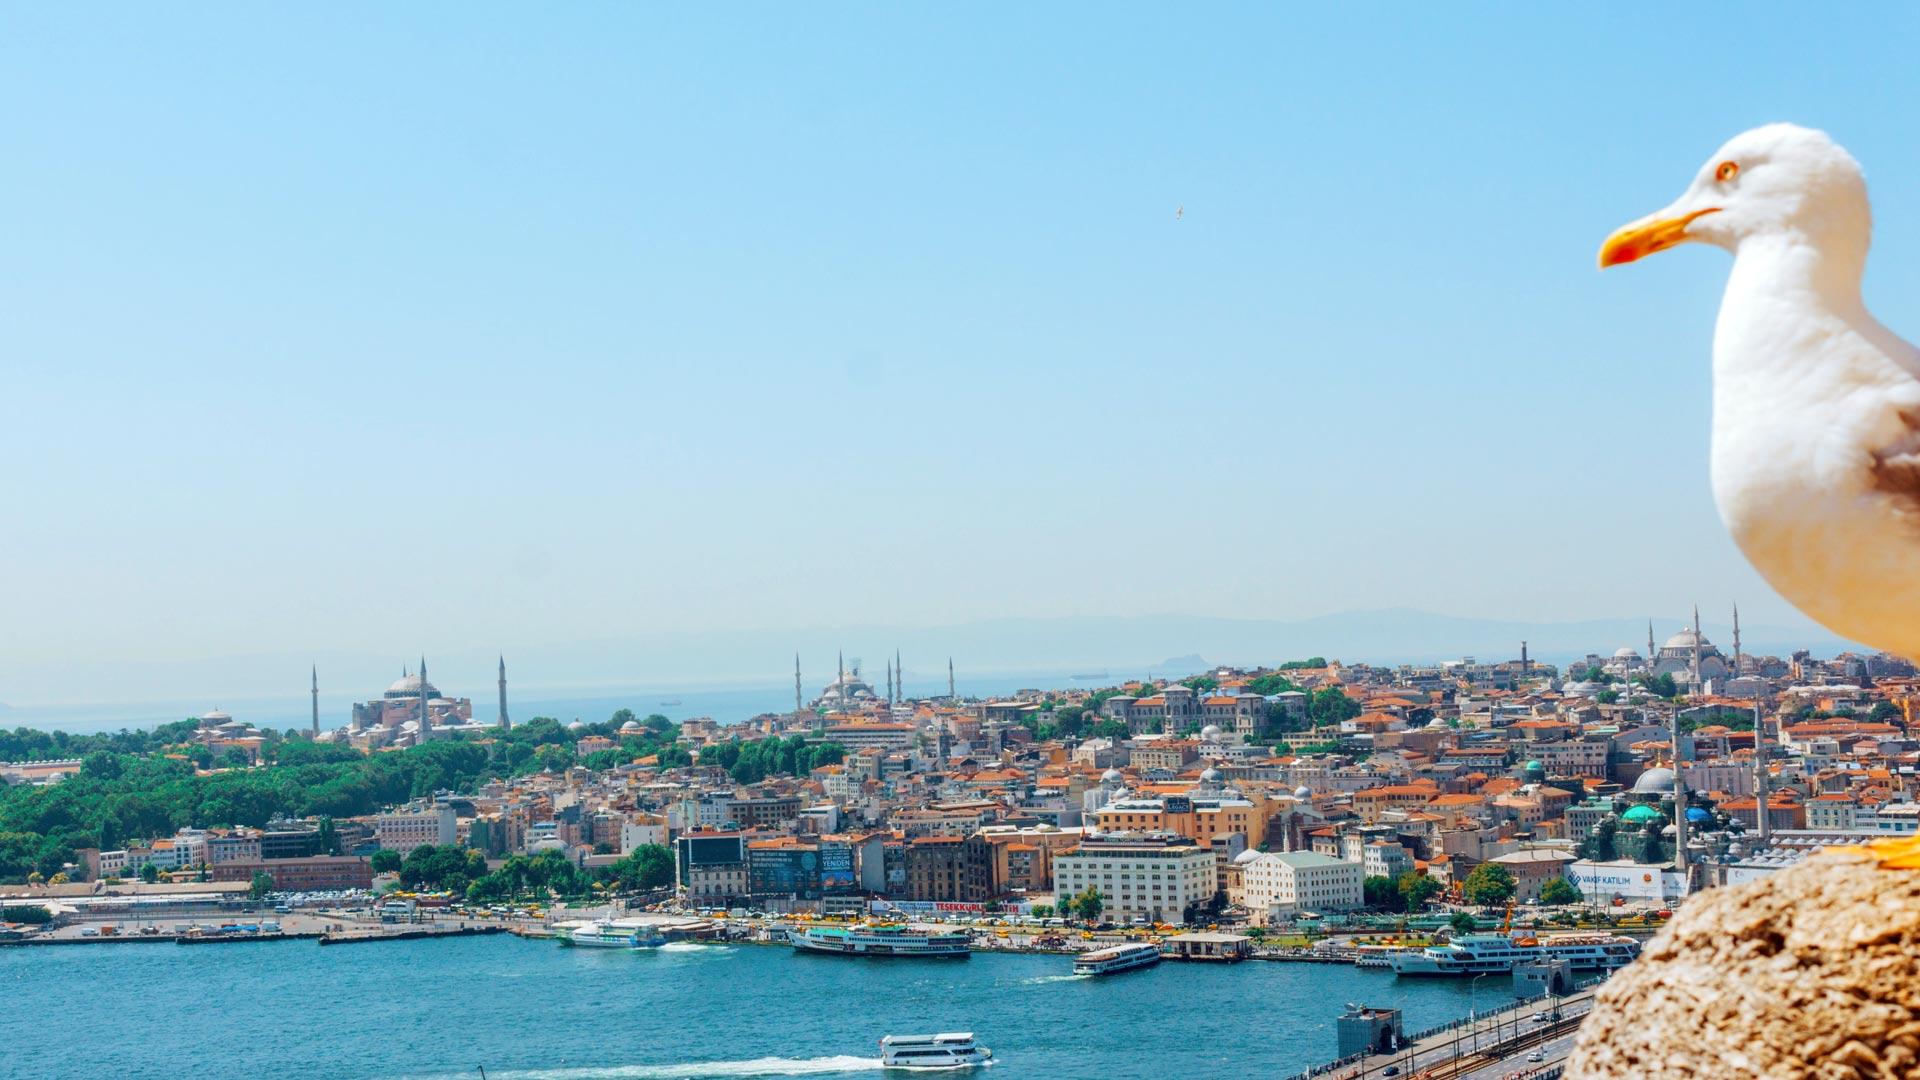 Ile kosztuje turecka wiza? Czy do Turcji potrzebna wiza?